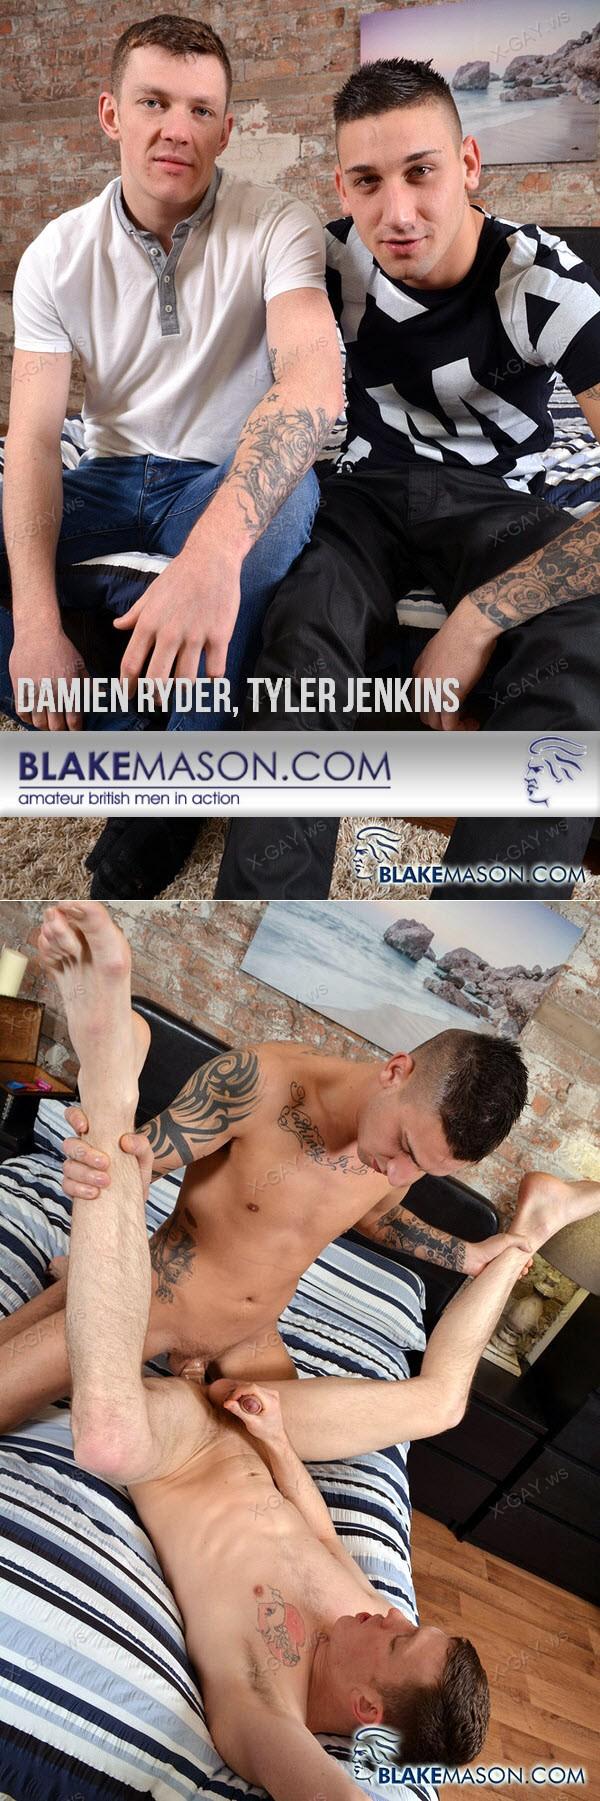 blakemason_damienryder_tylerjenkins.jpg